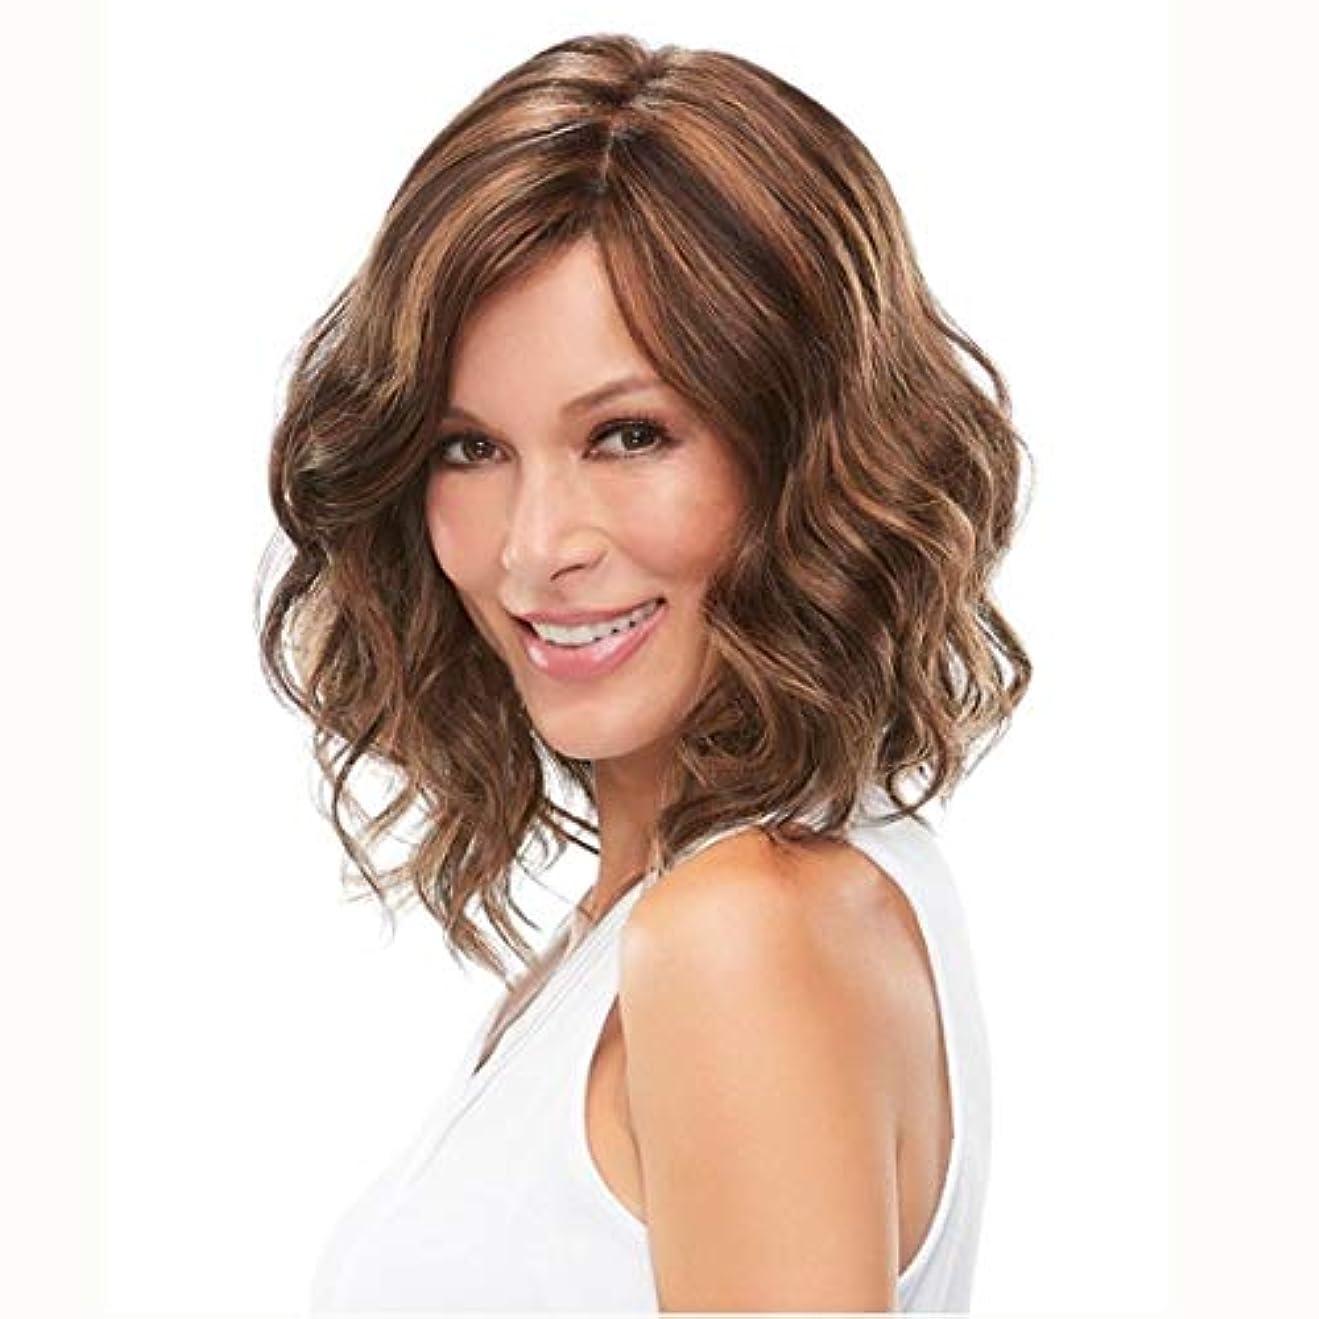 ジャズ発送手がかりKerwinner 短い巻き毛のふわふわのかつら女性の女の子のための短い波状の合成かつら